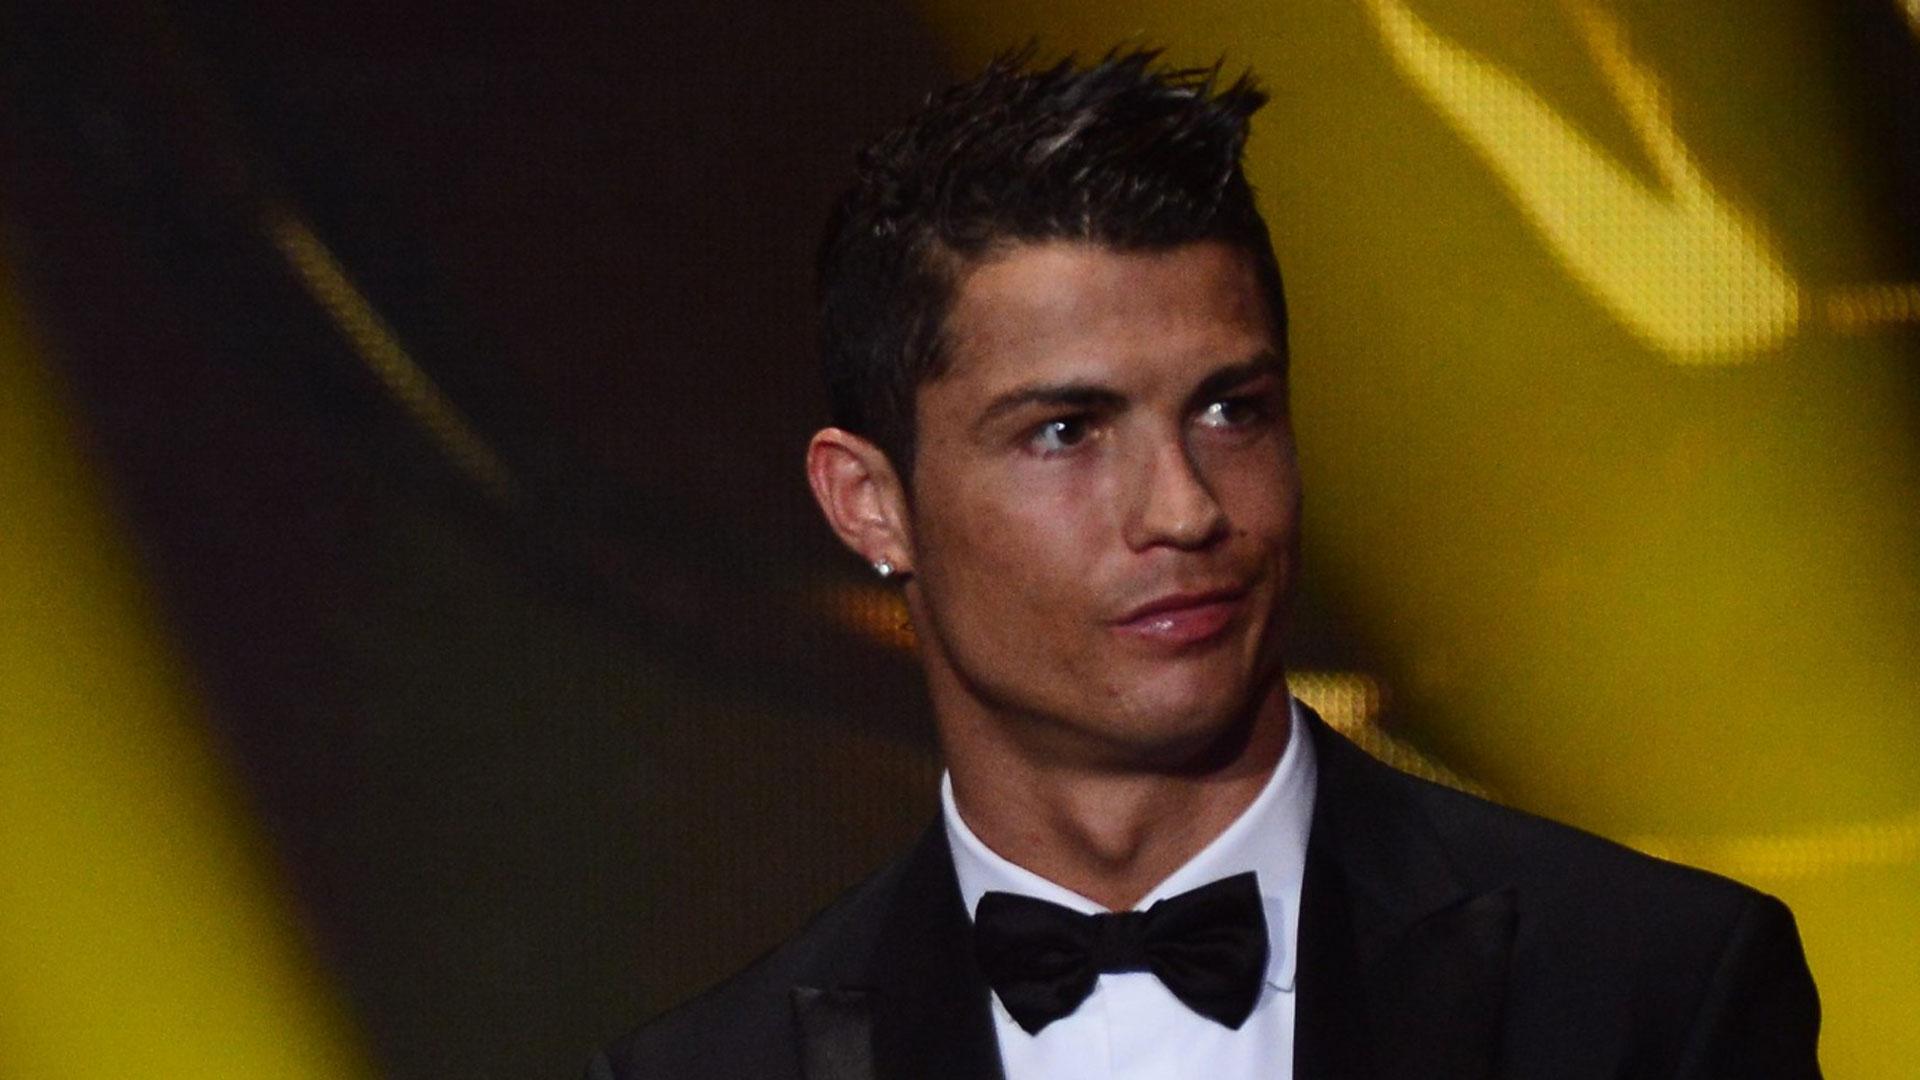 Cristiano Ronaldo sacré Ballon d'Or en plein scandale